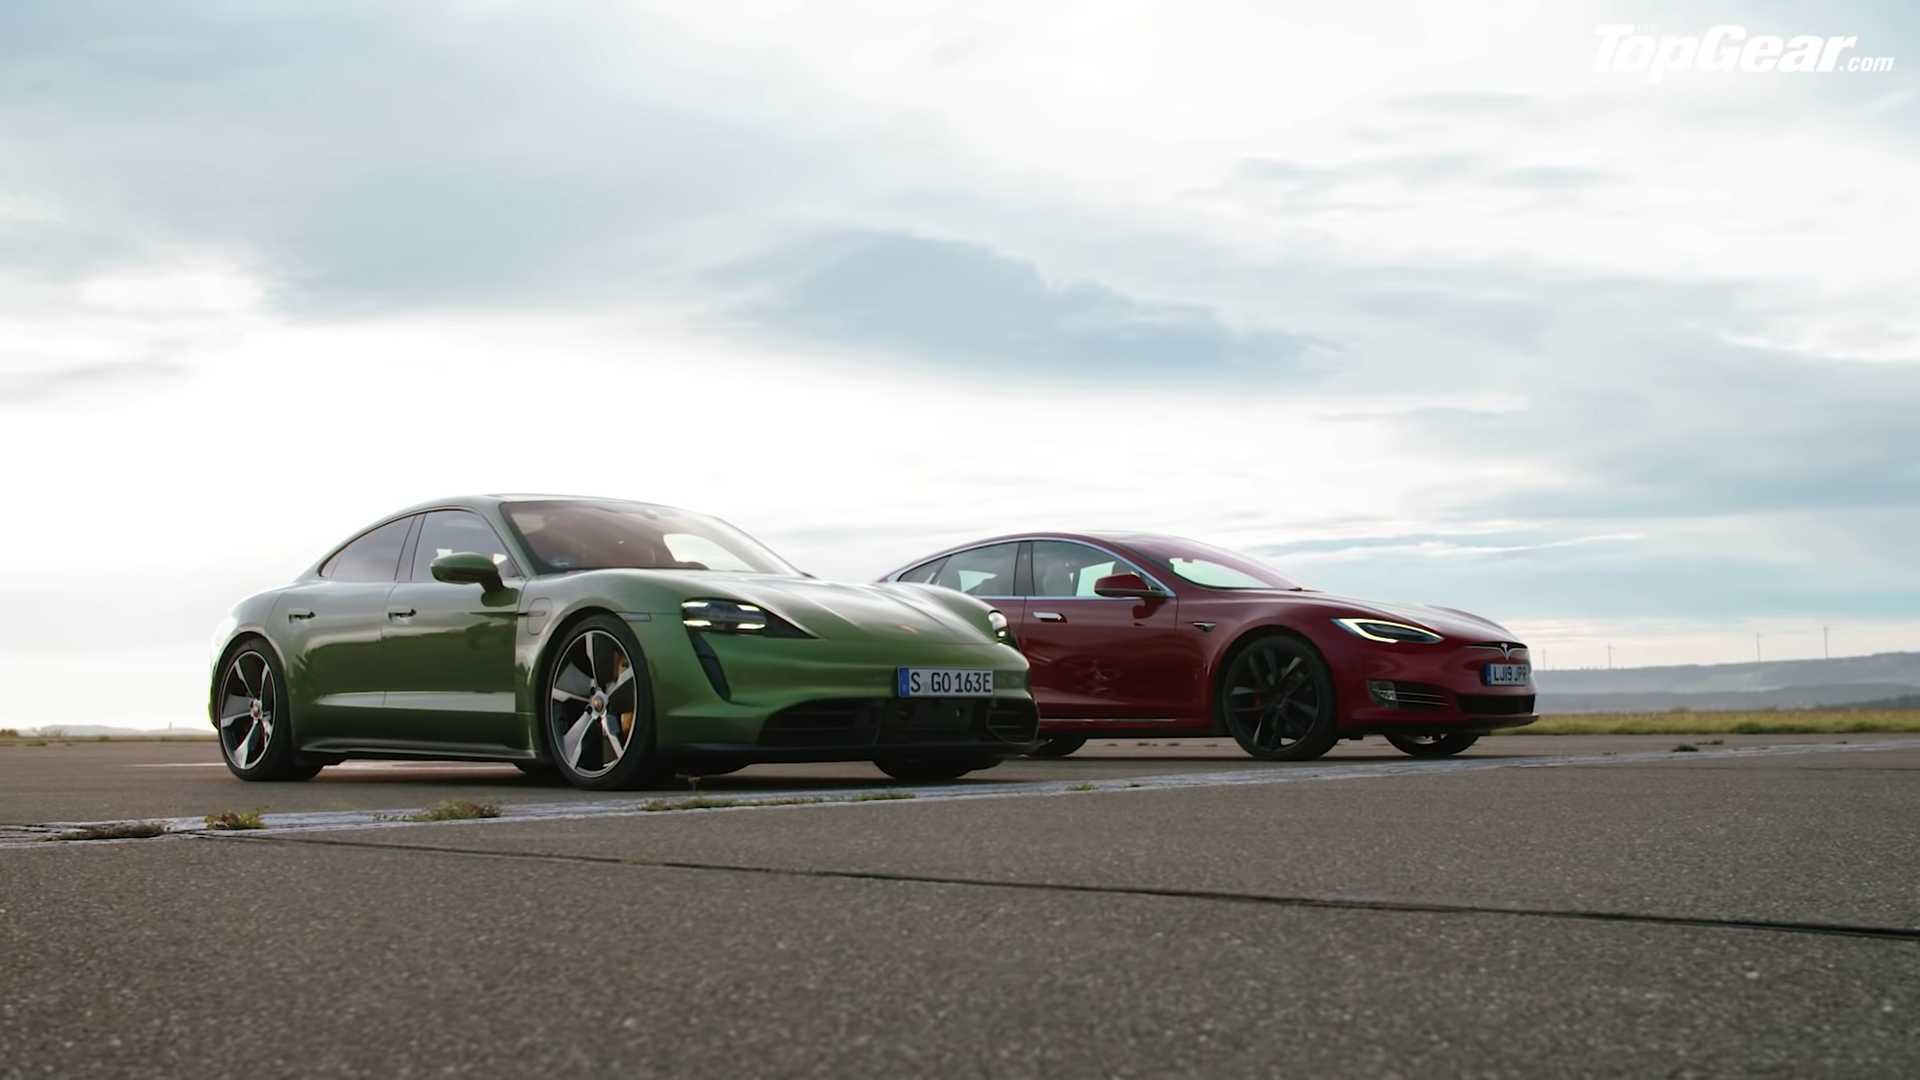 top-gear-porsche-taycan-turbo-s-versus-tesla-model-s-1